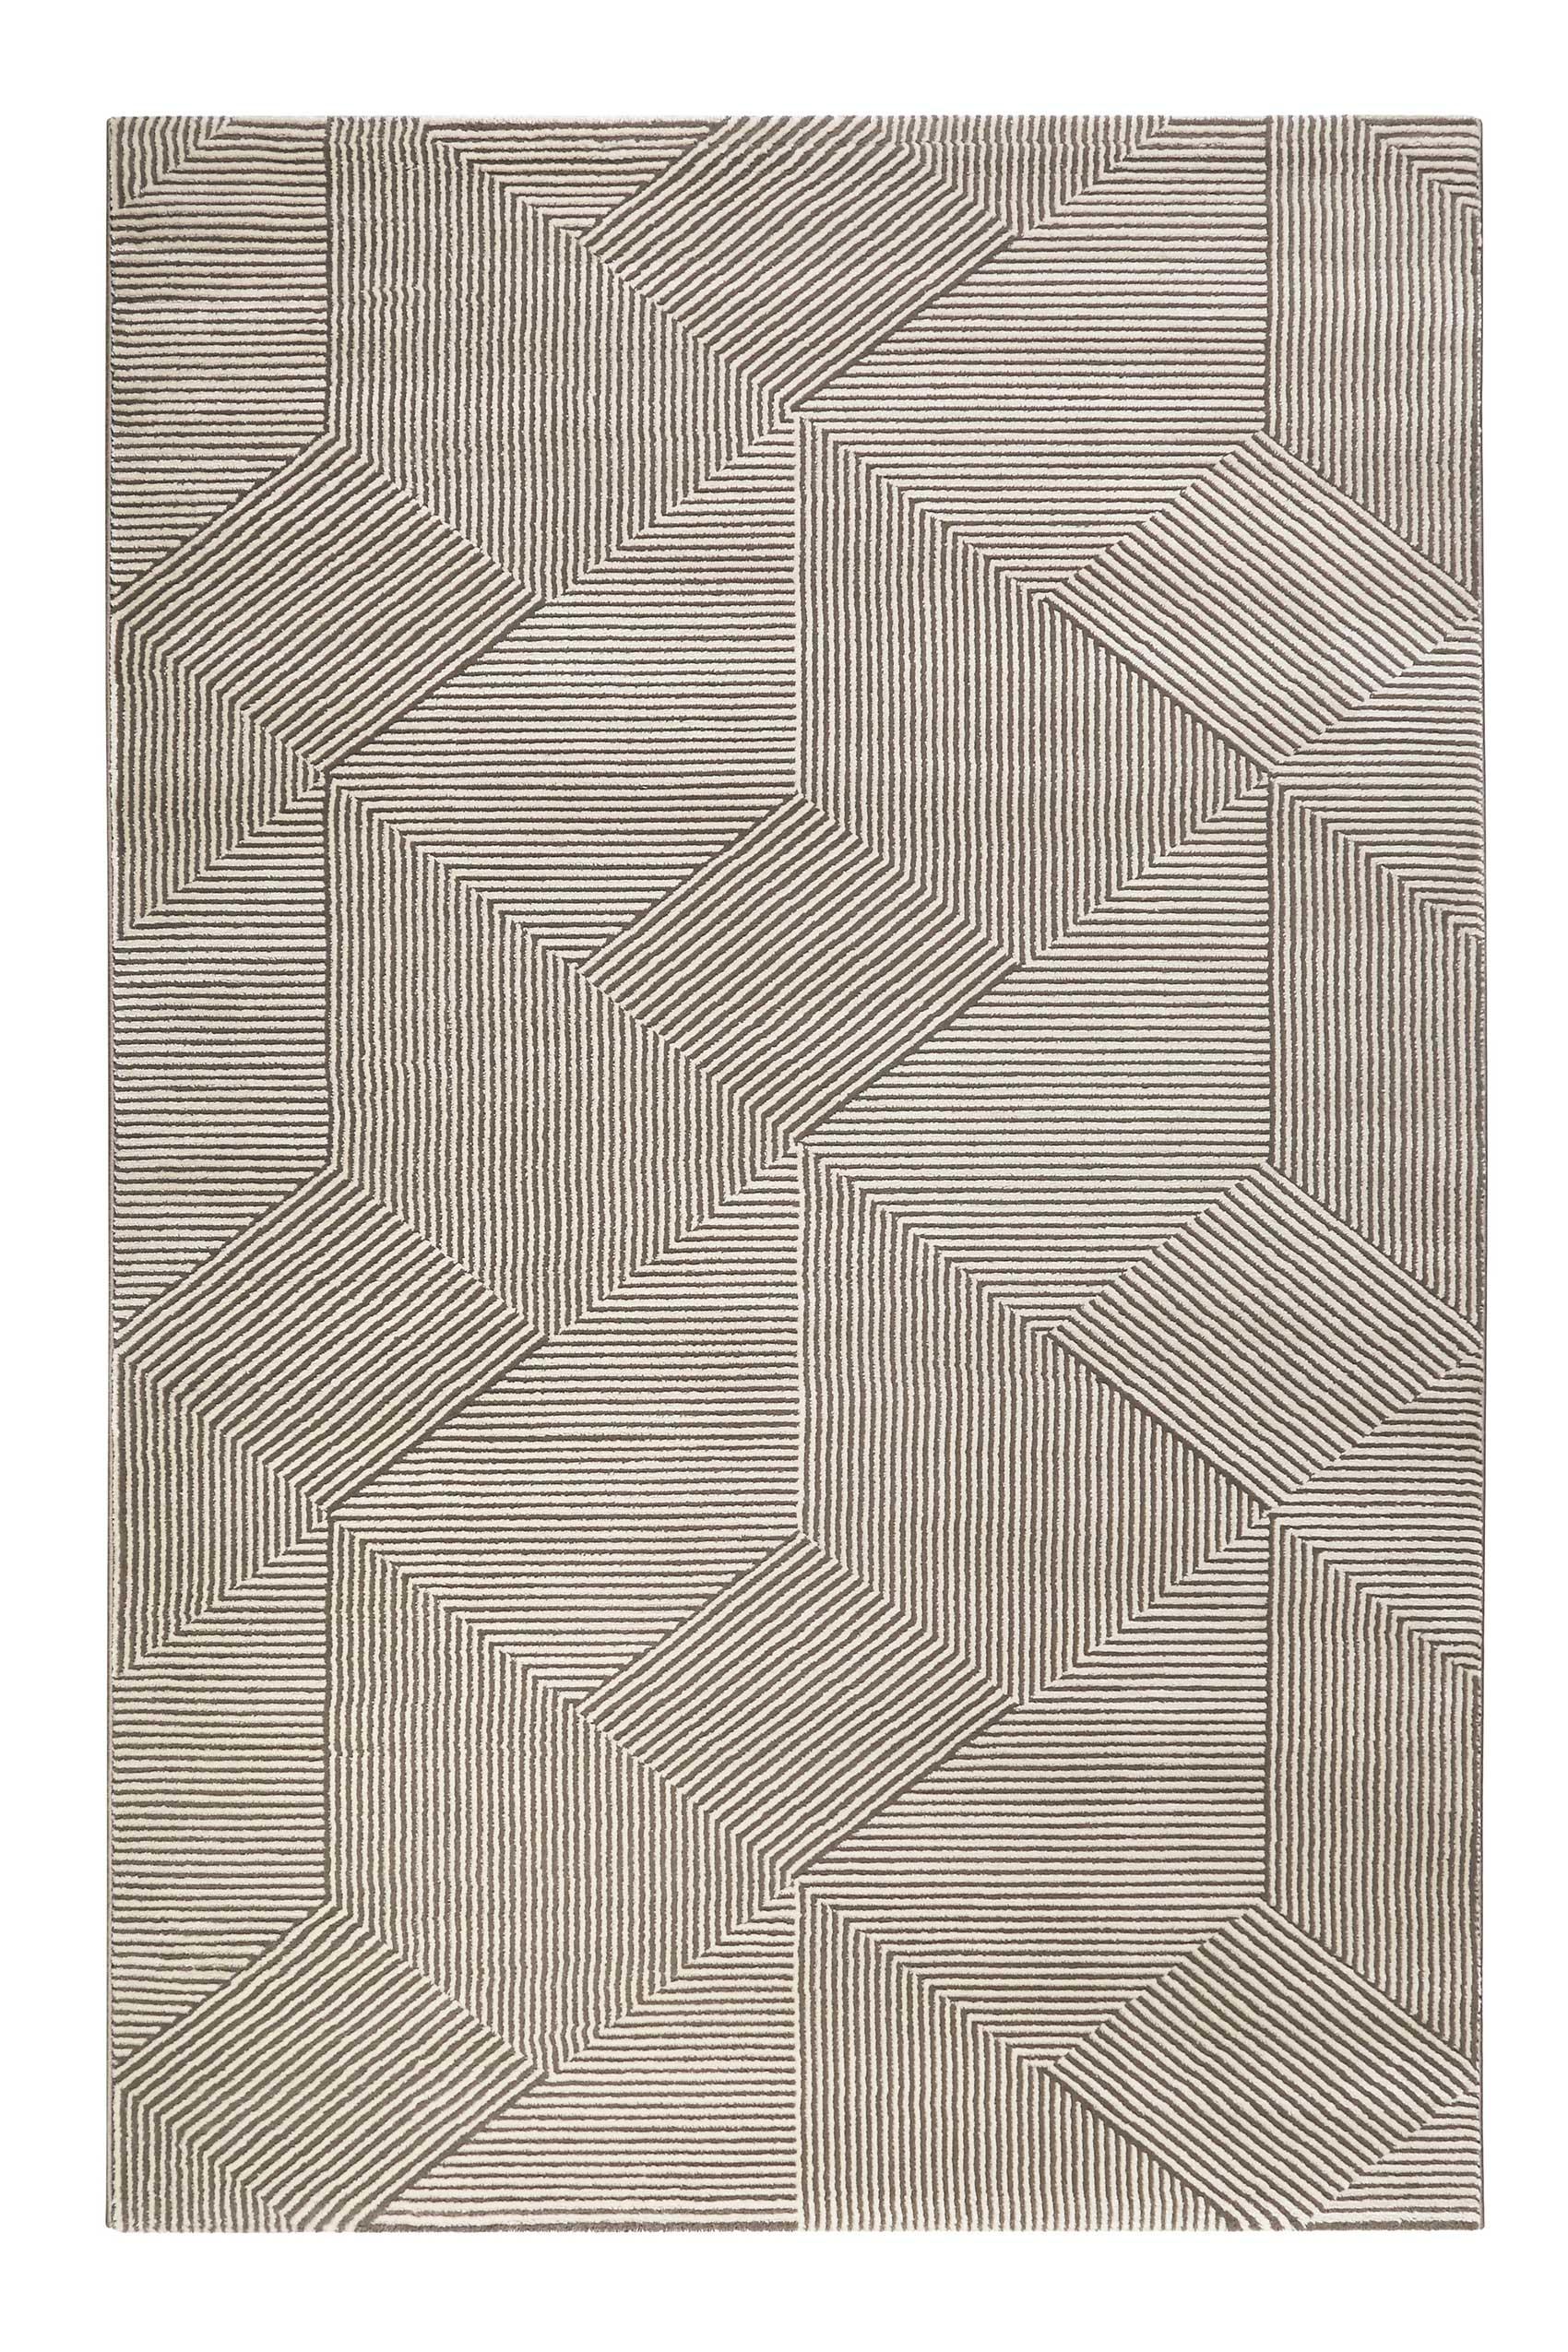 Tapis motif géométrique relief beige taupe 200x133